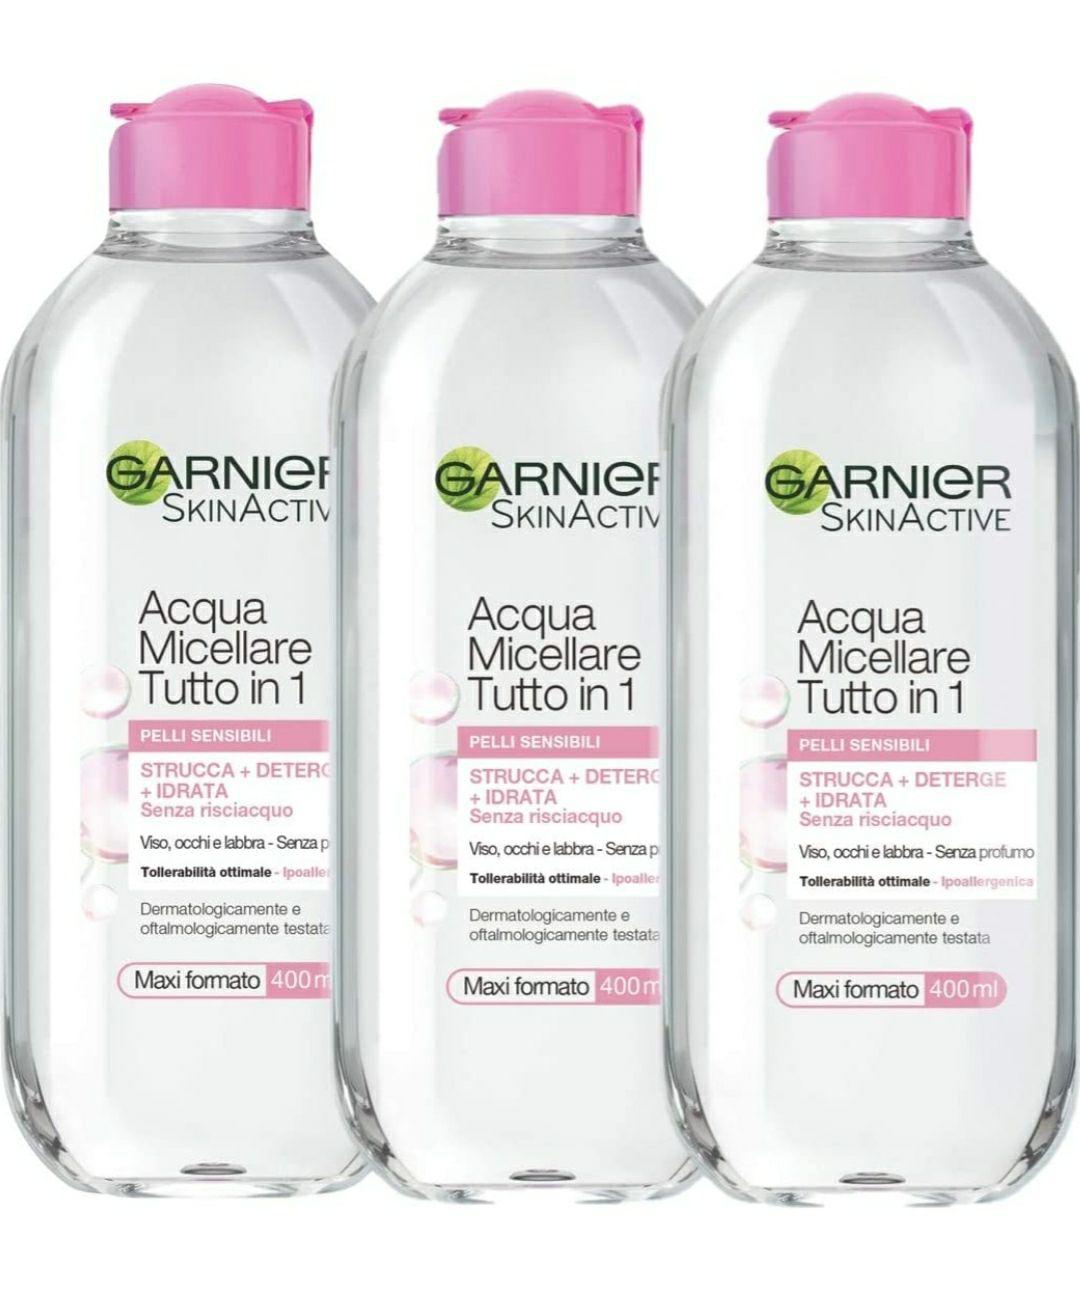 Garnier Kit Acqua Micellare Tutto in 1, Strucca, Deterge e Idrata Senza Risciaquo, 400 ml, Confezione da 3